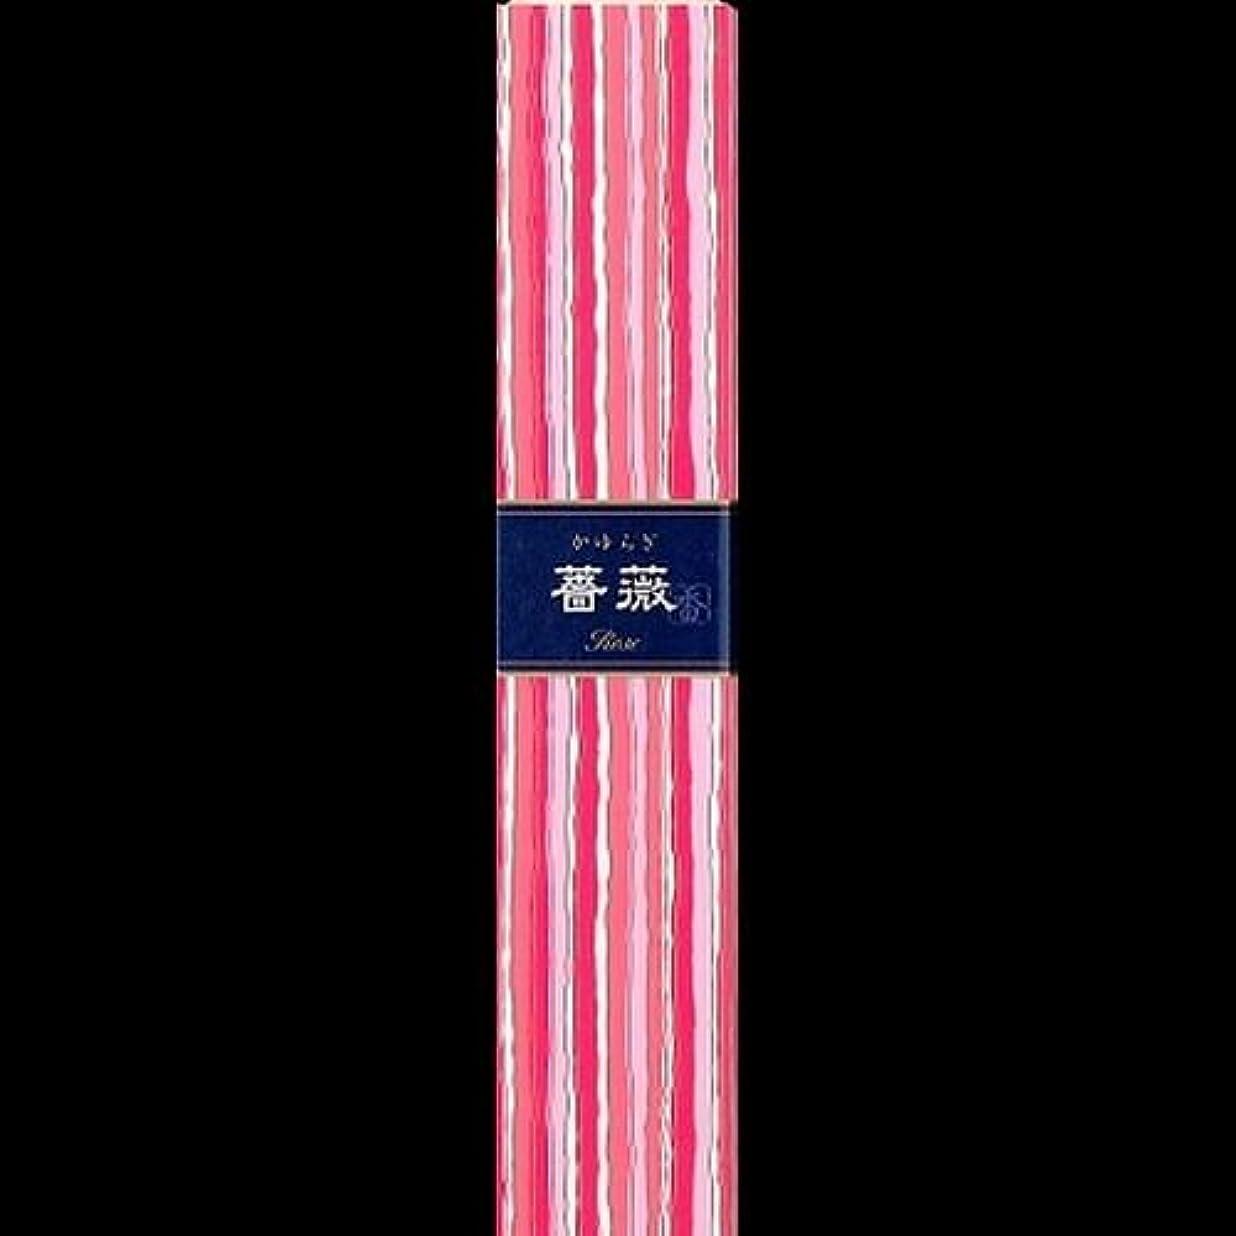 熱帯の寝具日没【まとめ買い】日本香堂 かゆらぎスティック 薔薇 ×2セット